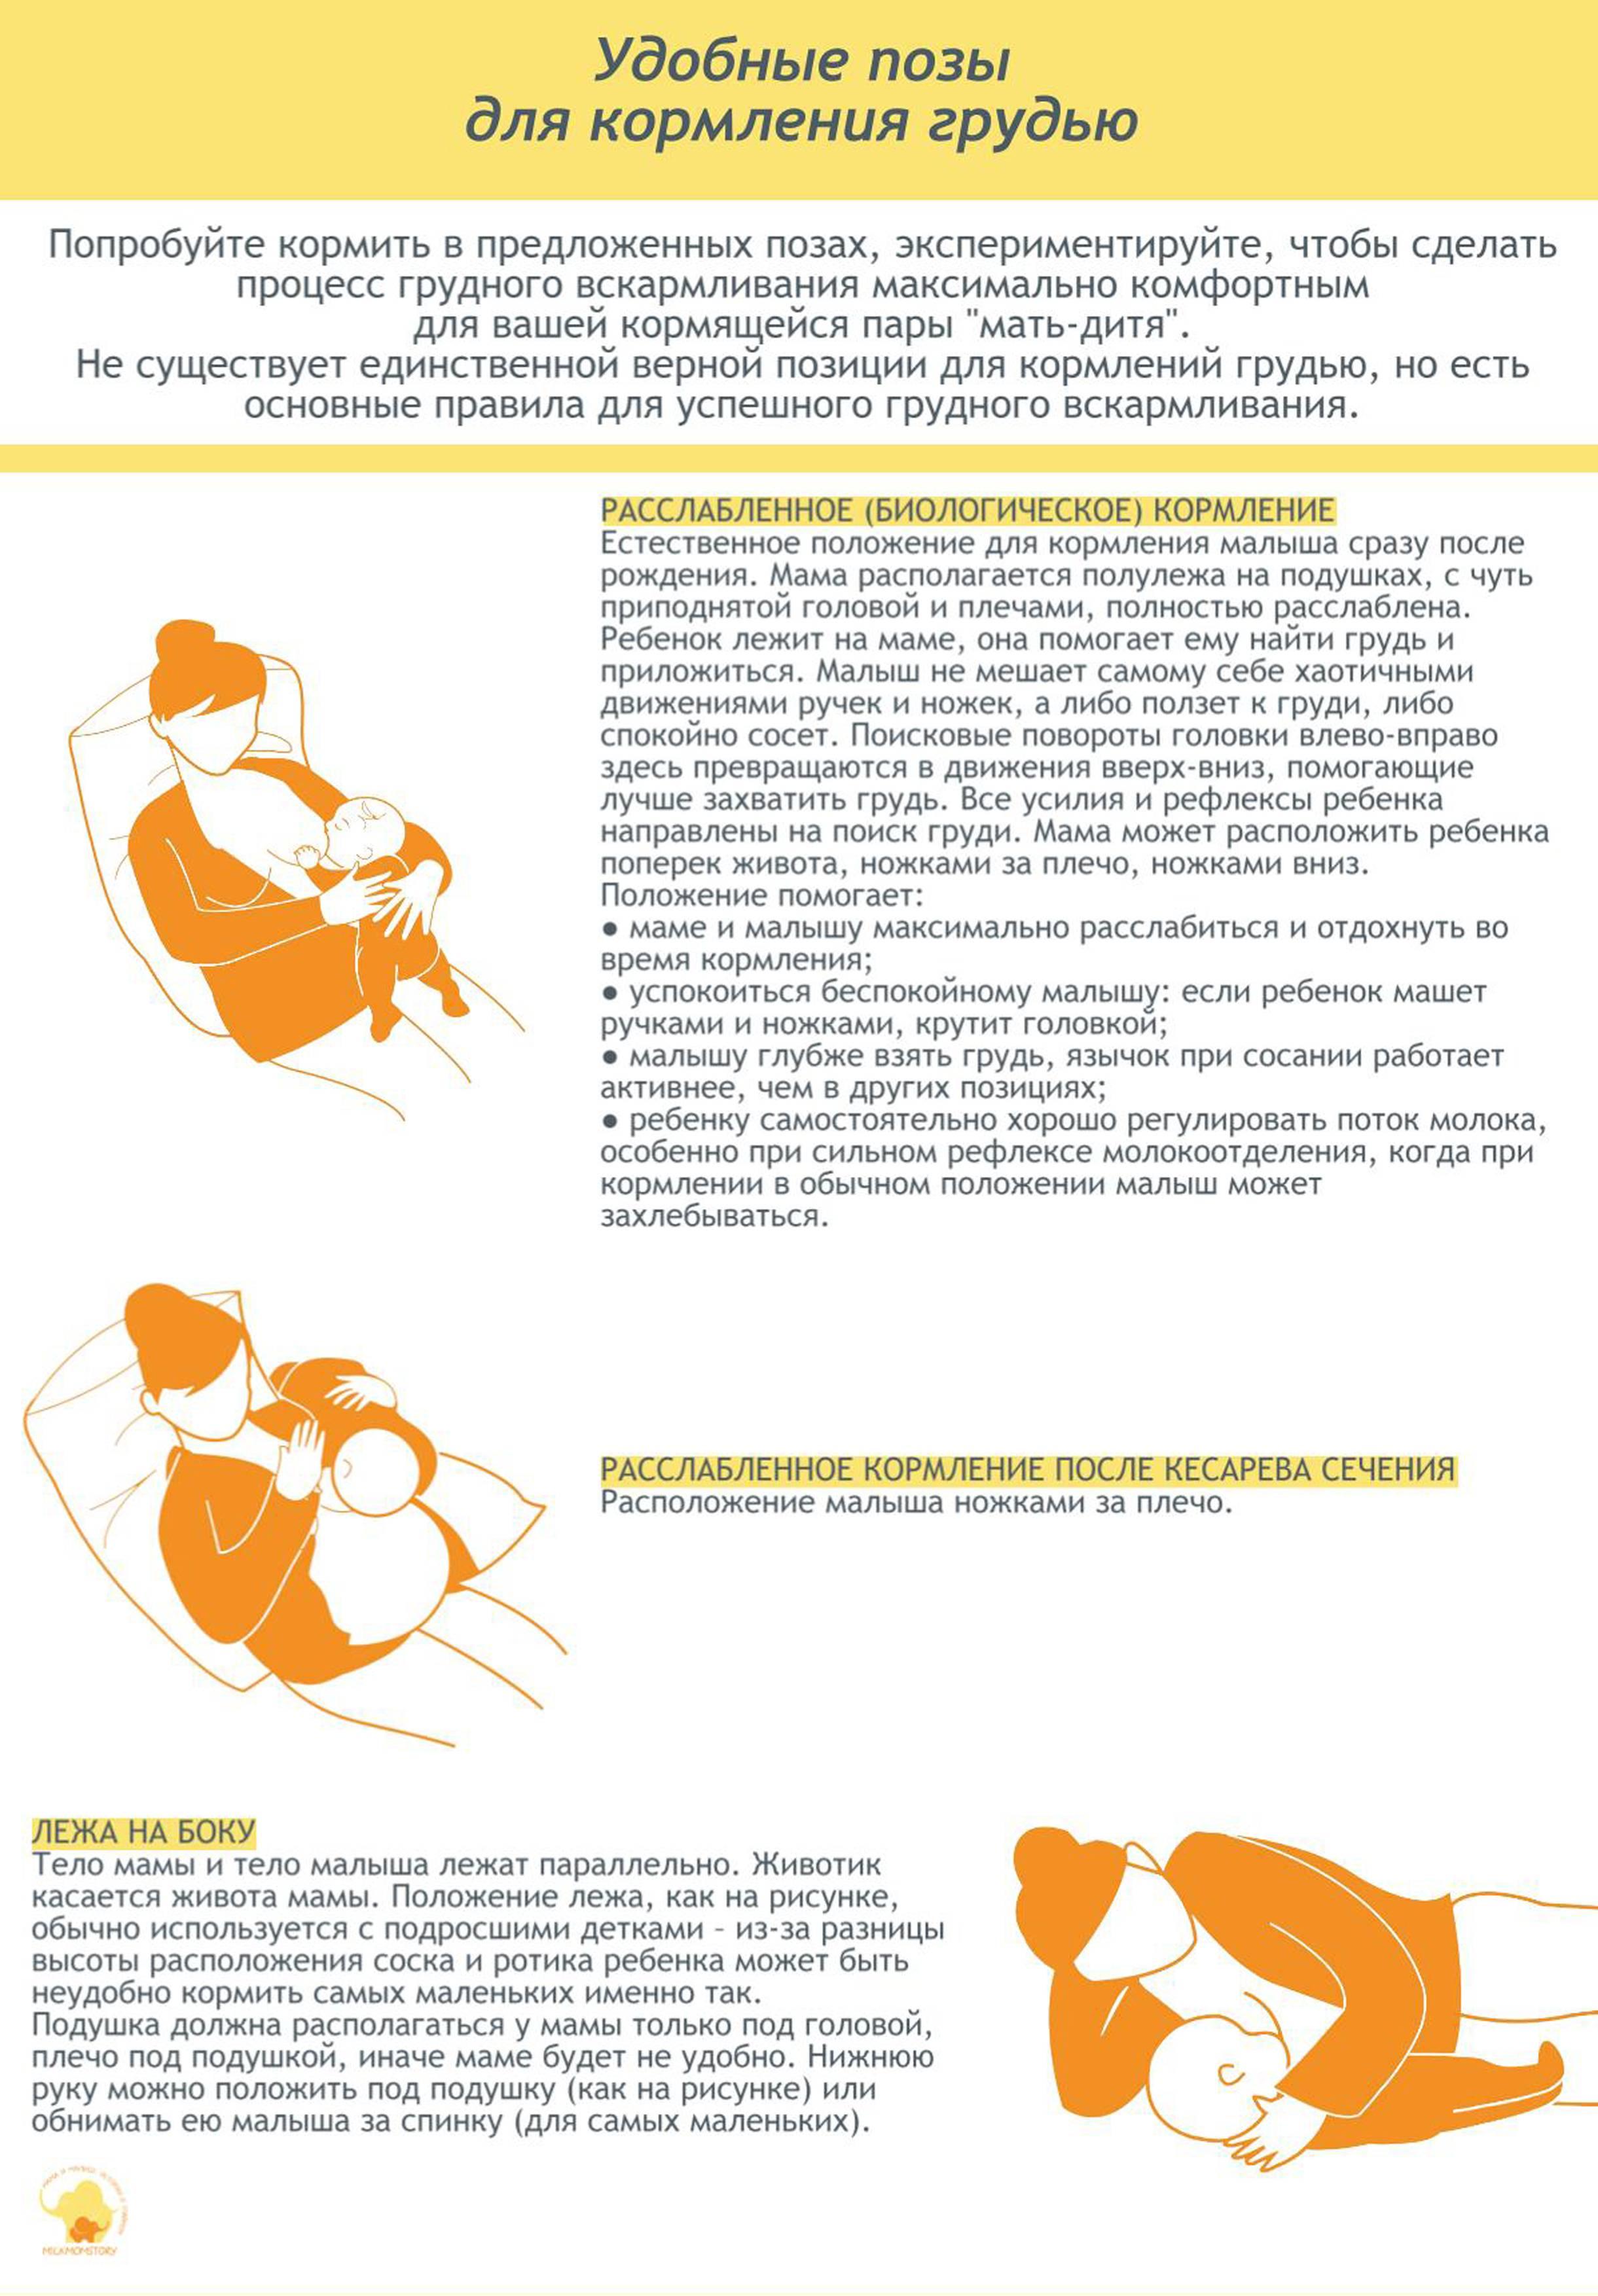 Как правильно кормить грудью новорожденного ребенка сидя, лежа и стоя / mama66.ru